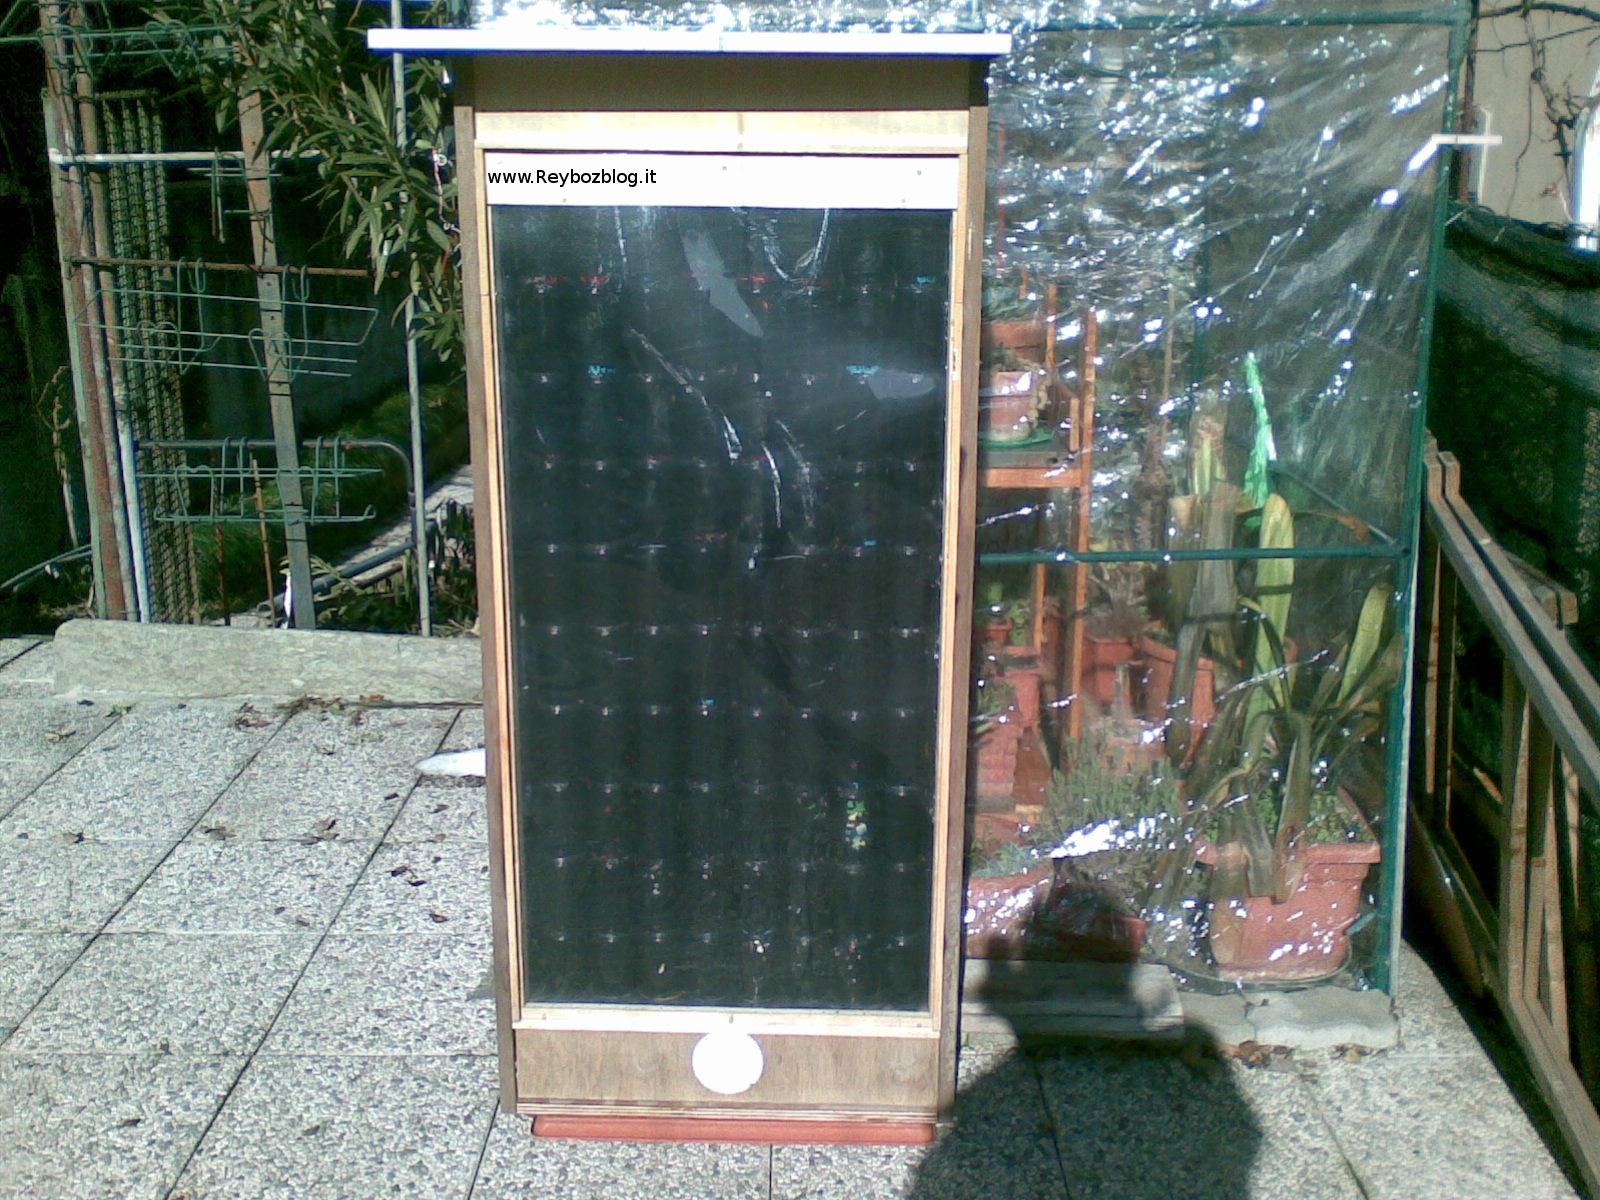 Pannello Solare Da Casa : Pannelli solari casa costruire pannello solare